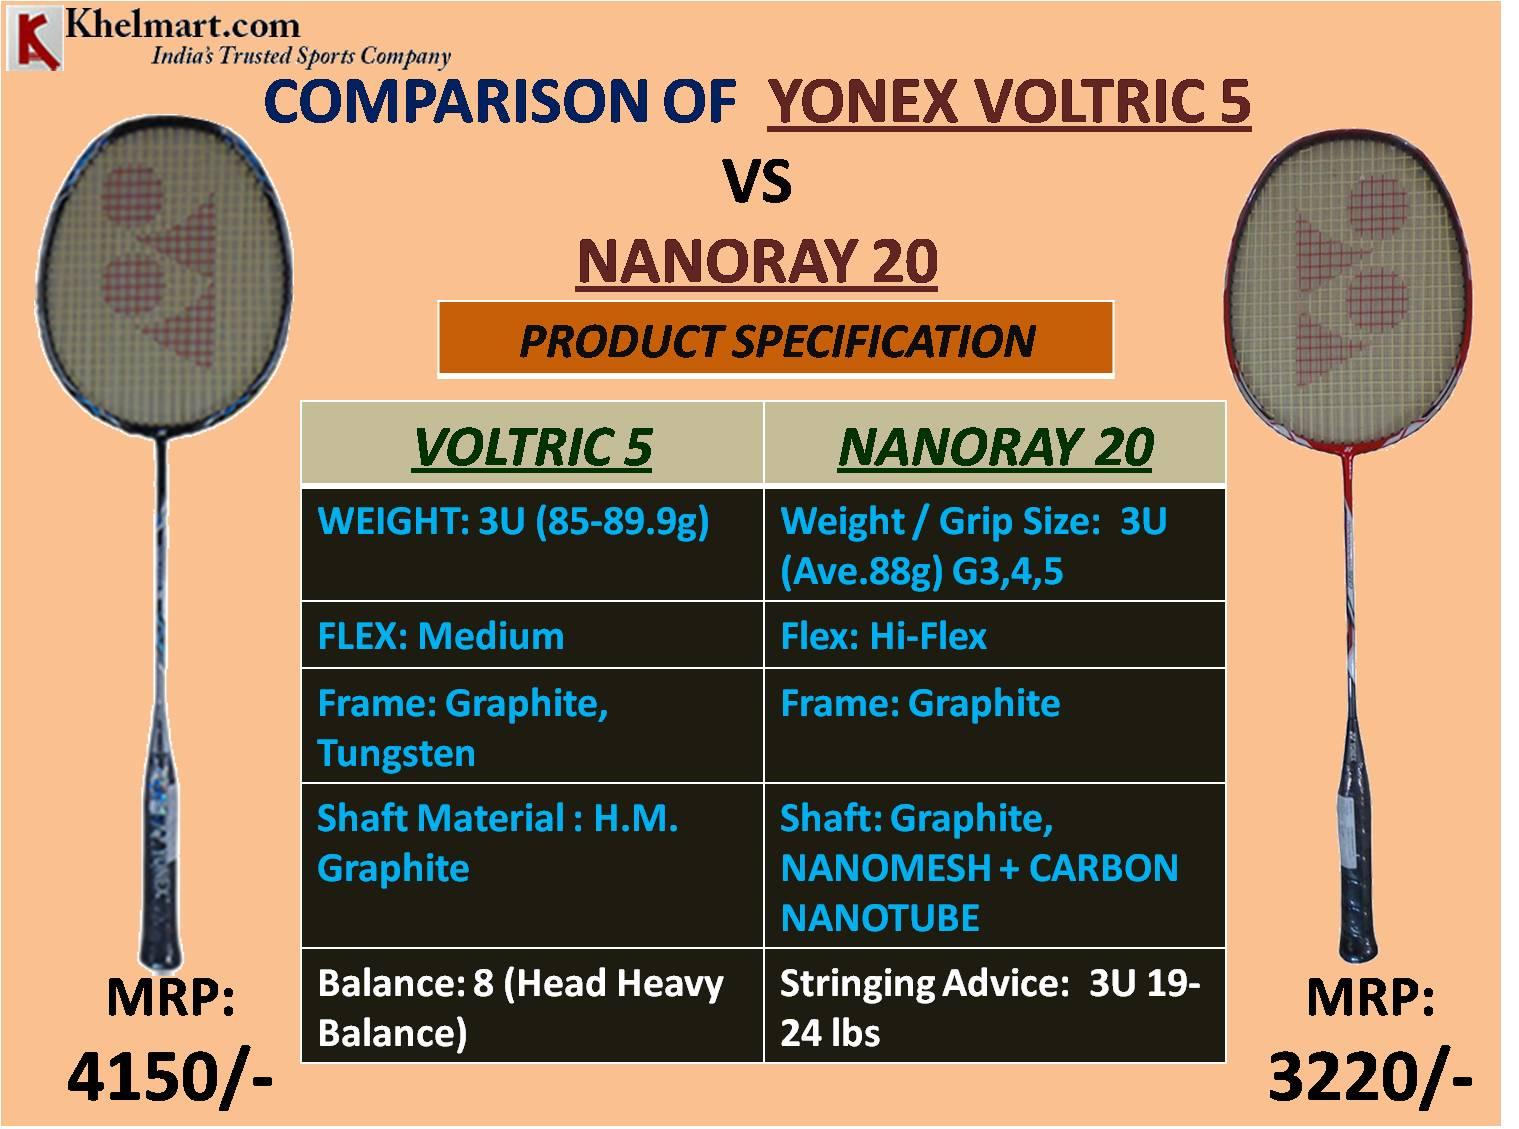 COMPARISON OF YONEX VOLTRIC 5 VS NANORAY 20_3